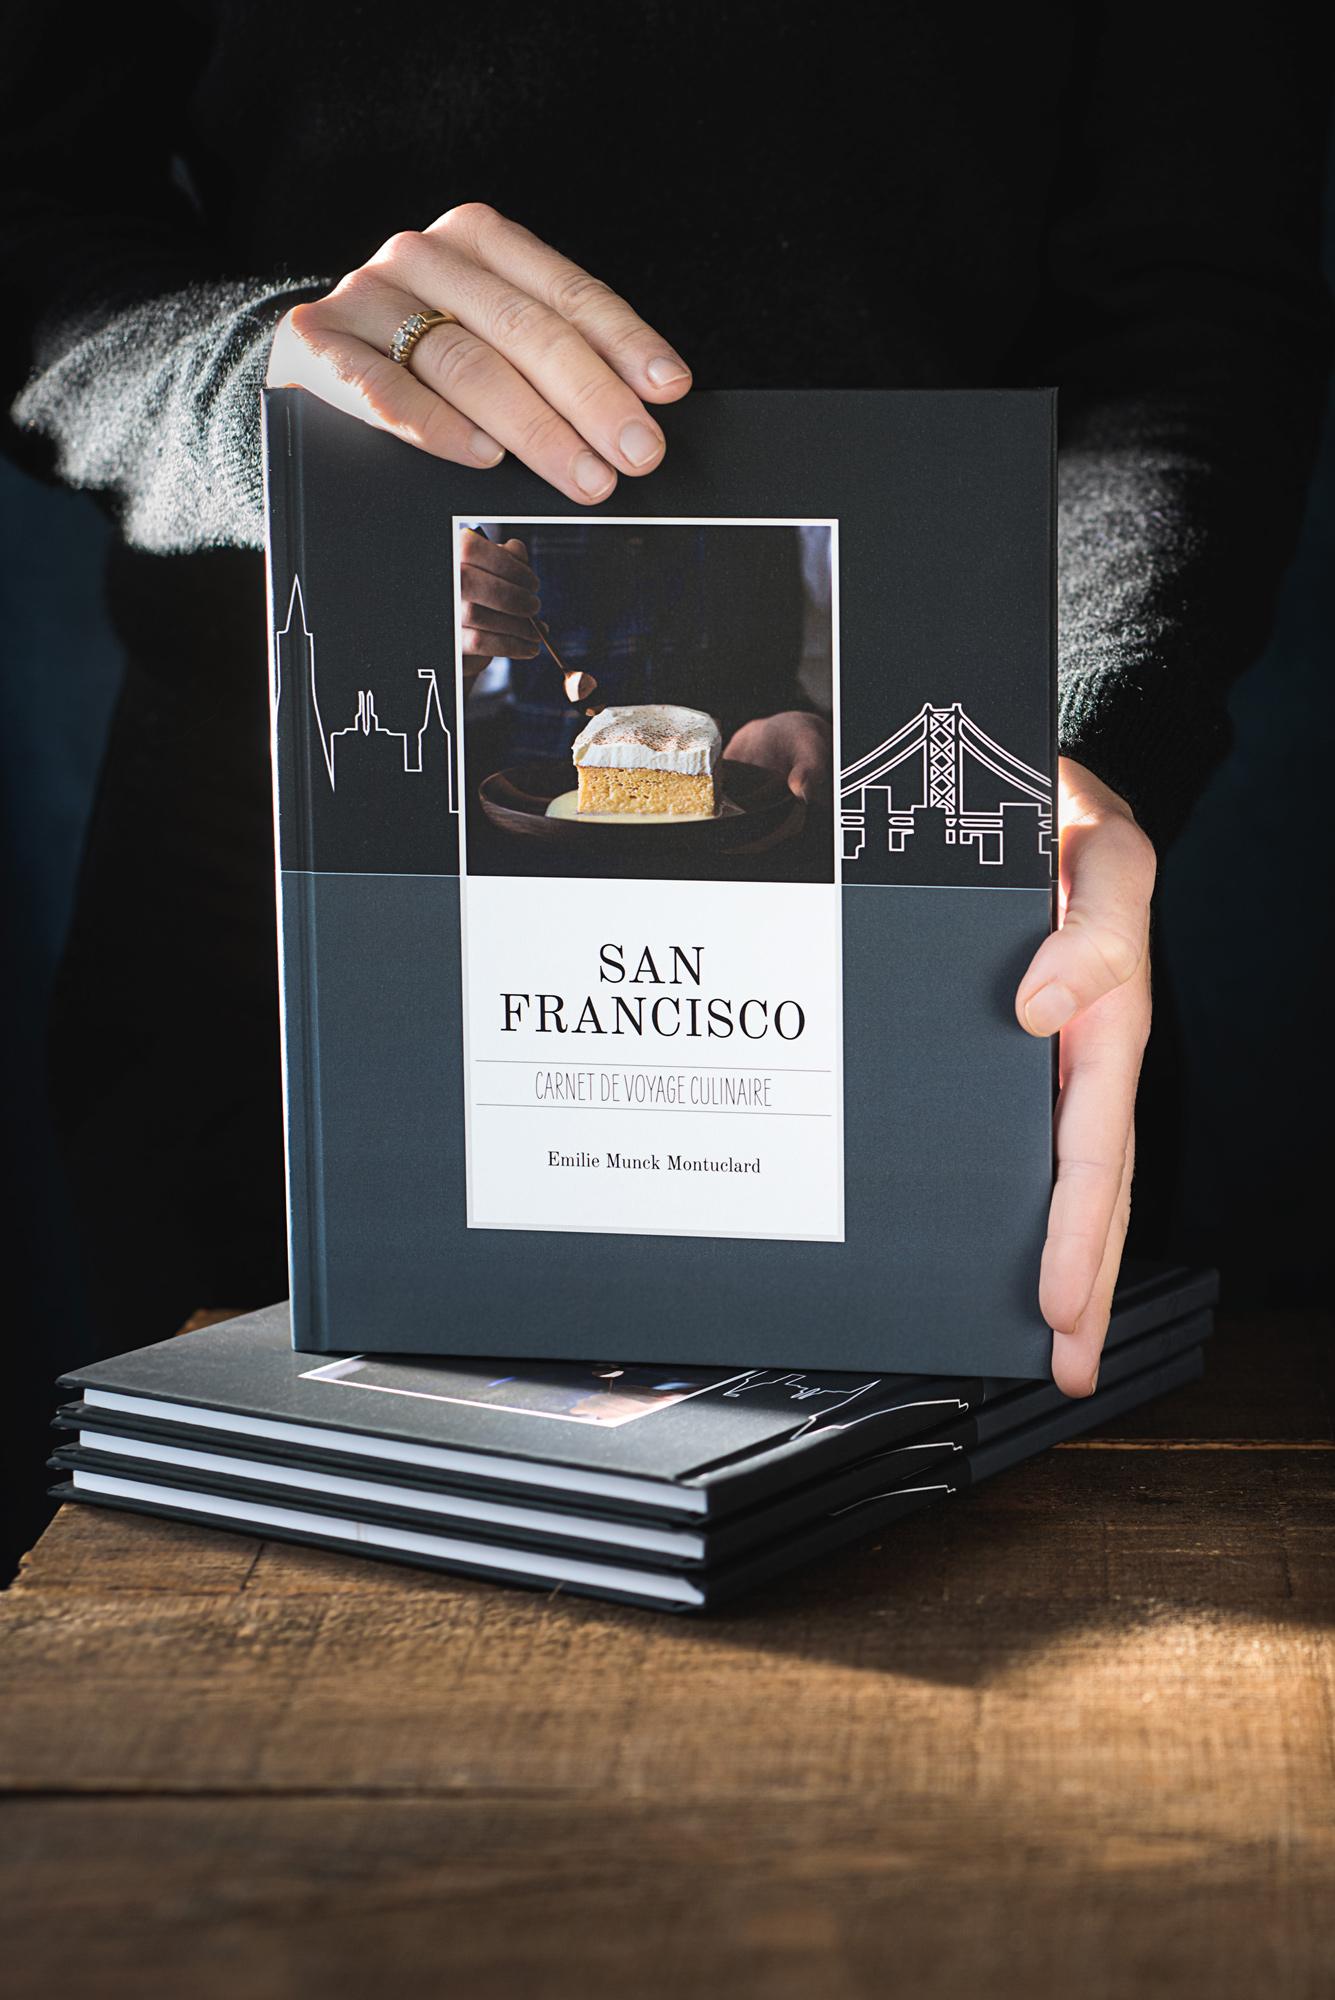 ©Pixellie - San Francisco, Carnet de voyage culinaire